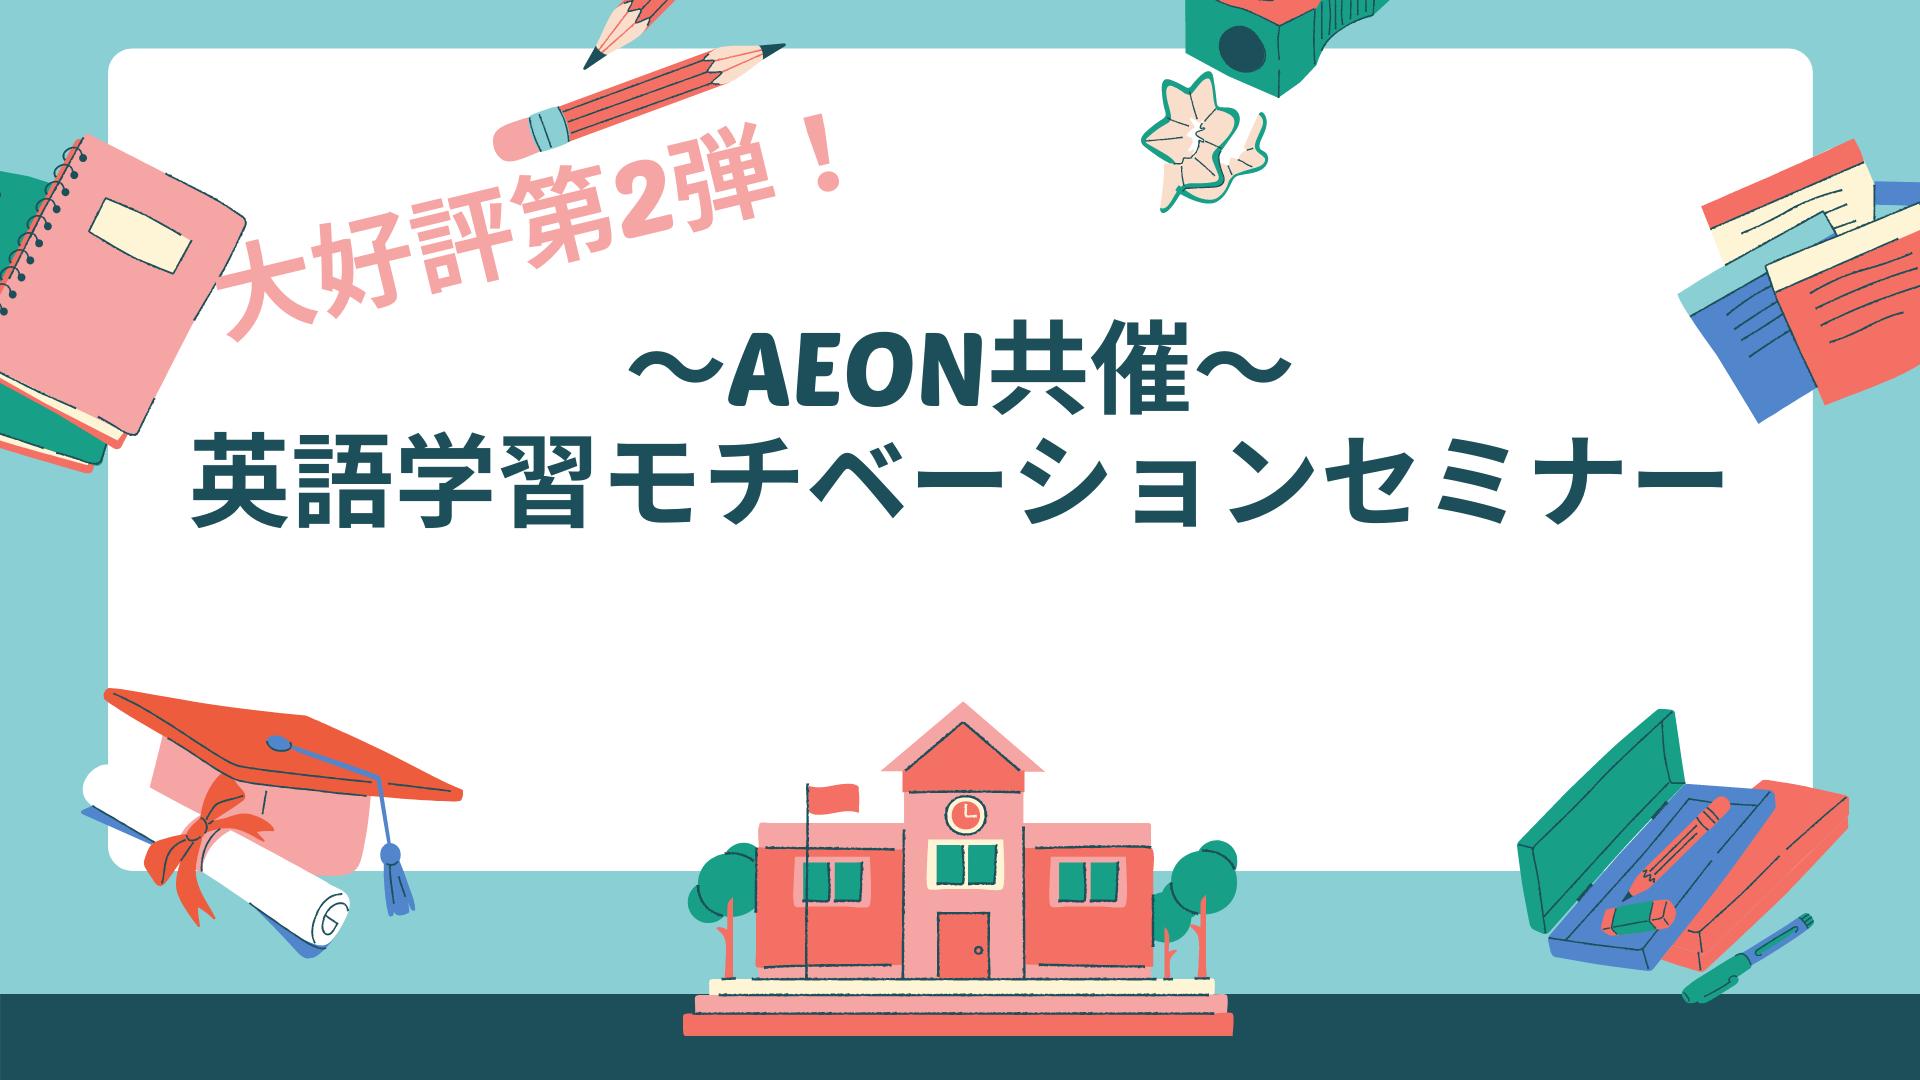 【大好評につき5/21(金)申込延長】AEON共催英語学習モチベーションセミナー